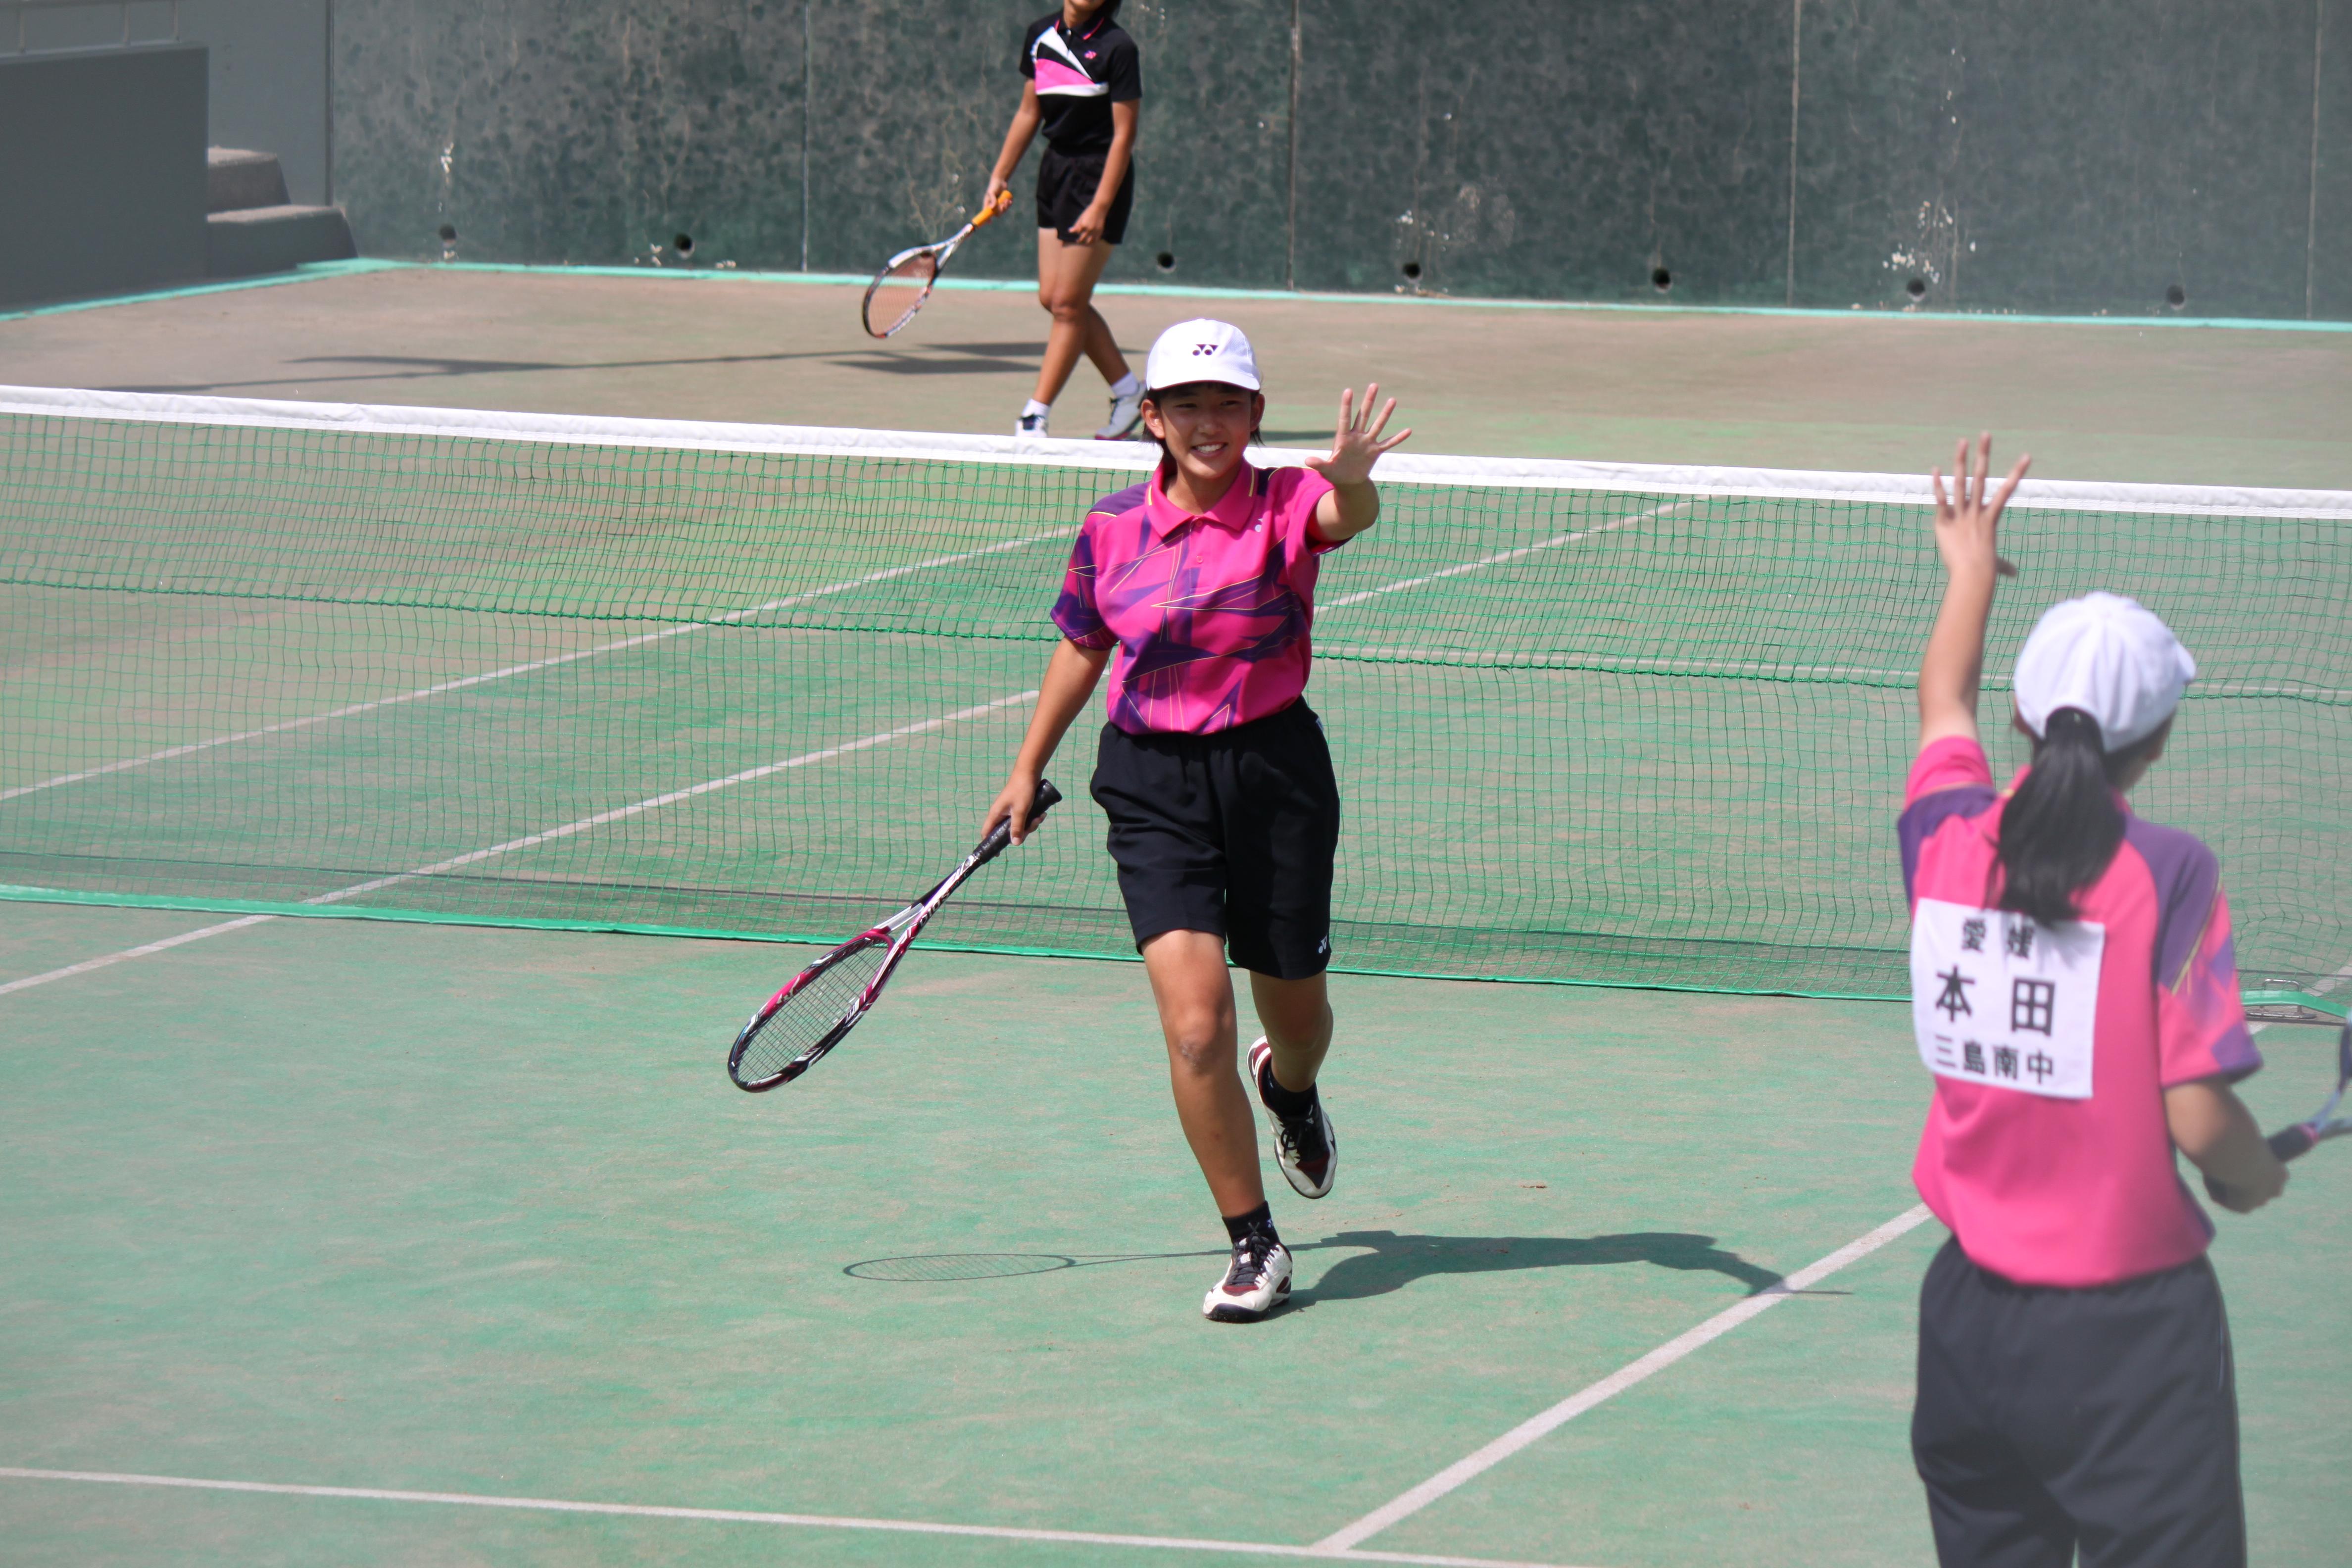 ソフトテニス (606)